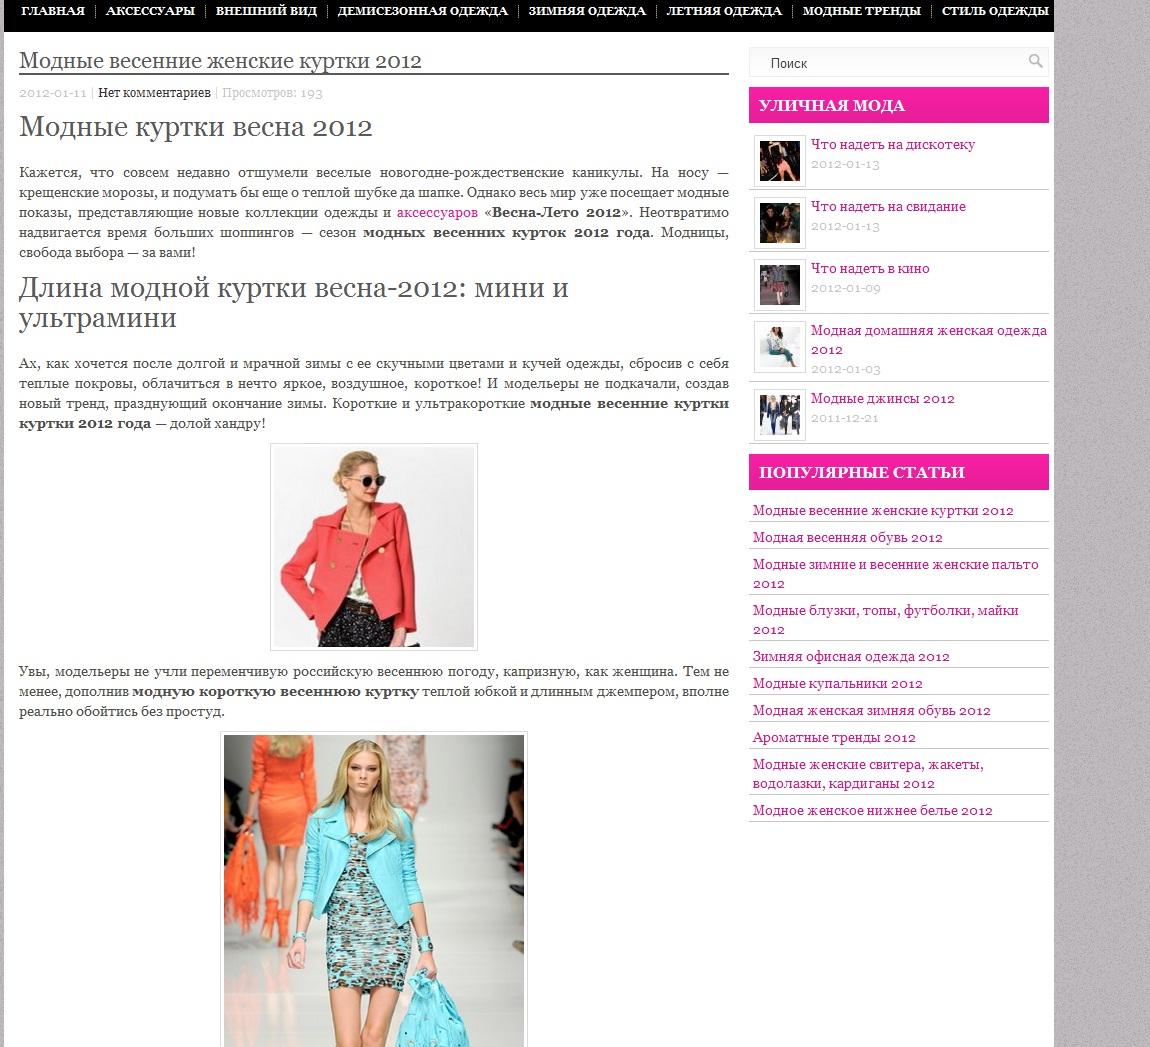 Модные женские весенние куртки 2012